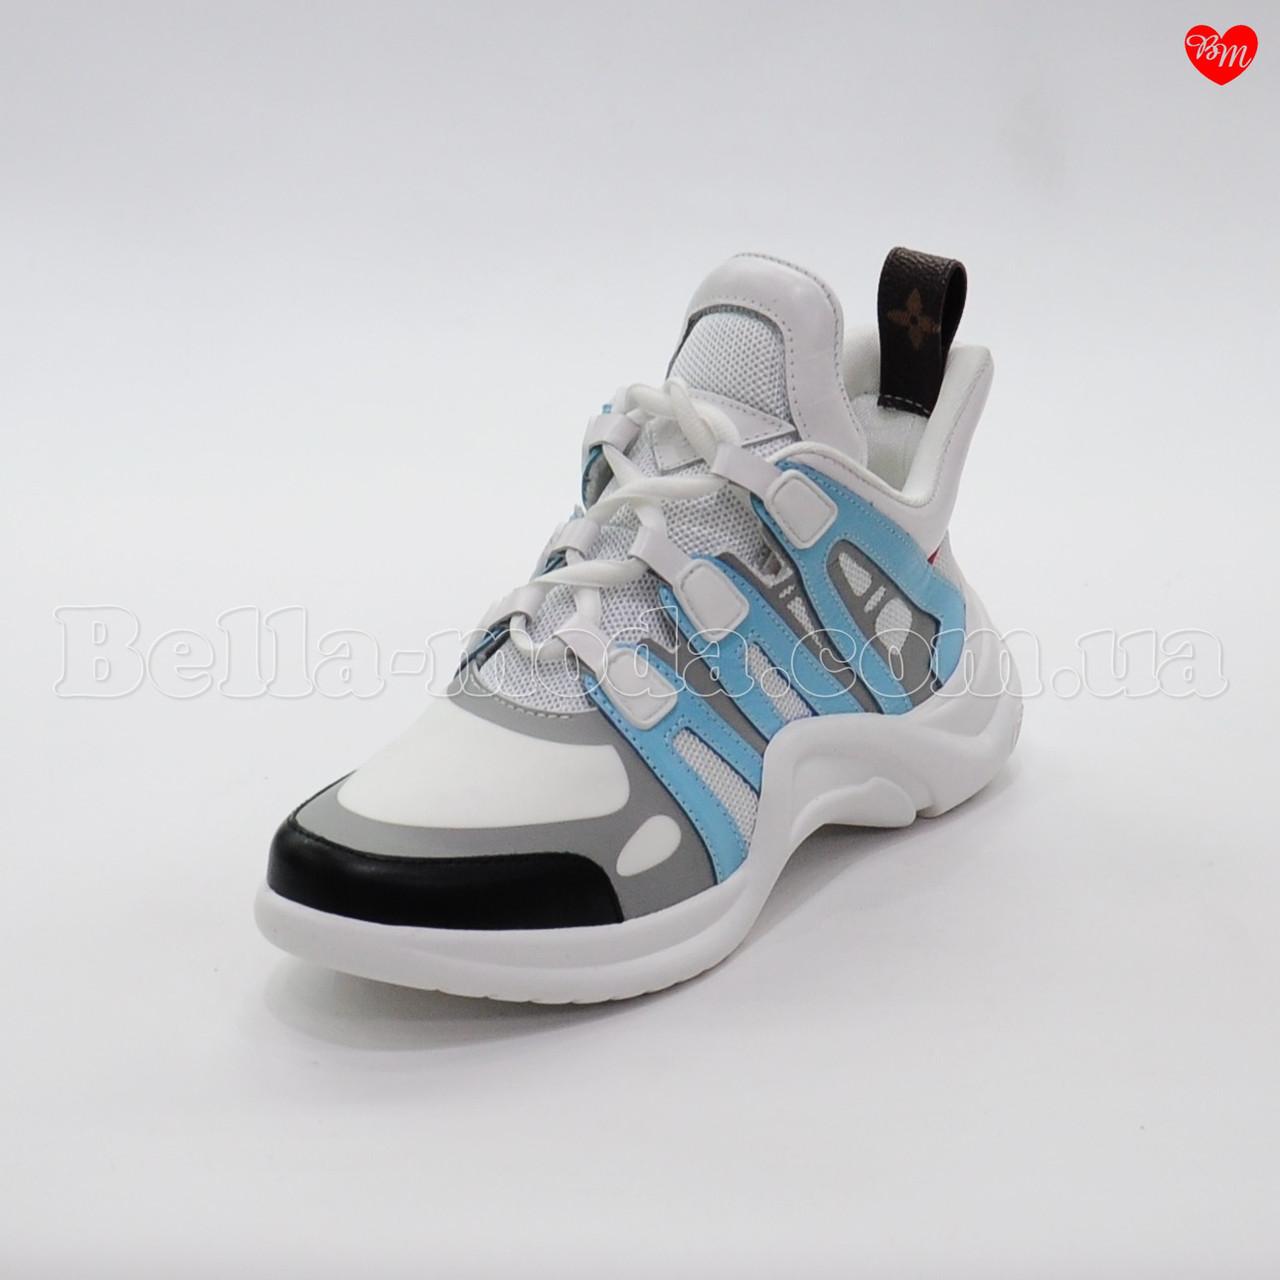 f9c5c71eb0e4 Женские кроссовки высокие Louis Vuitton - интернет-магазин